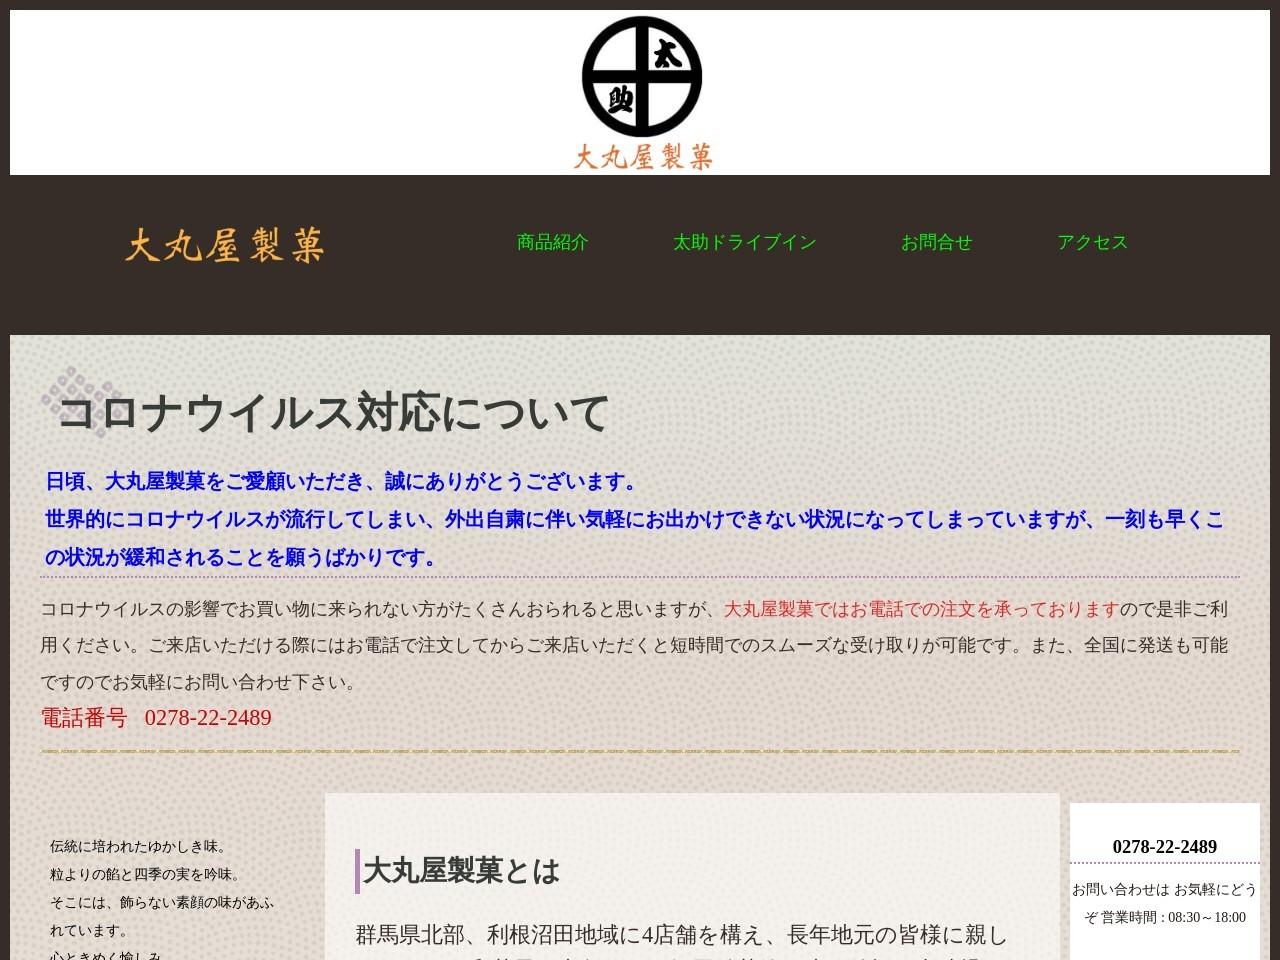 大丸屋製菓(太助庵)